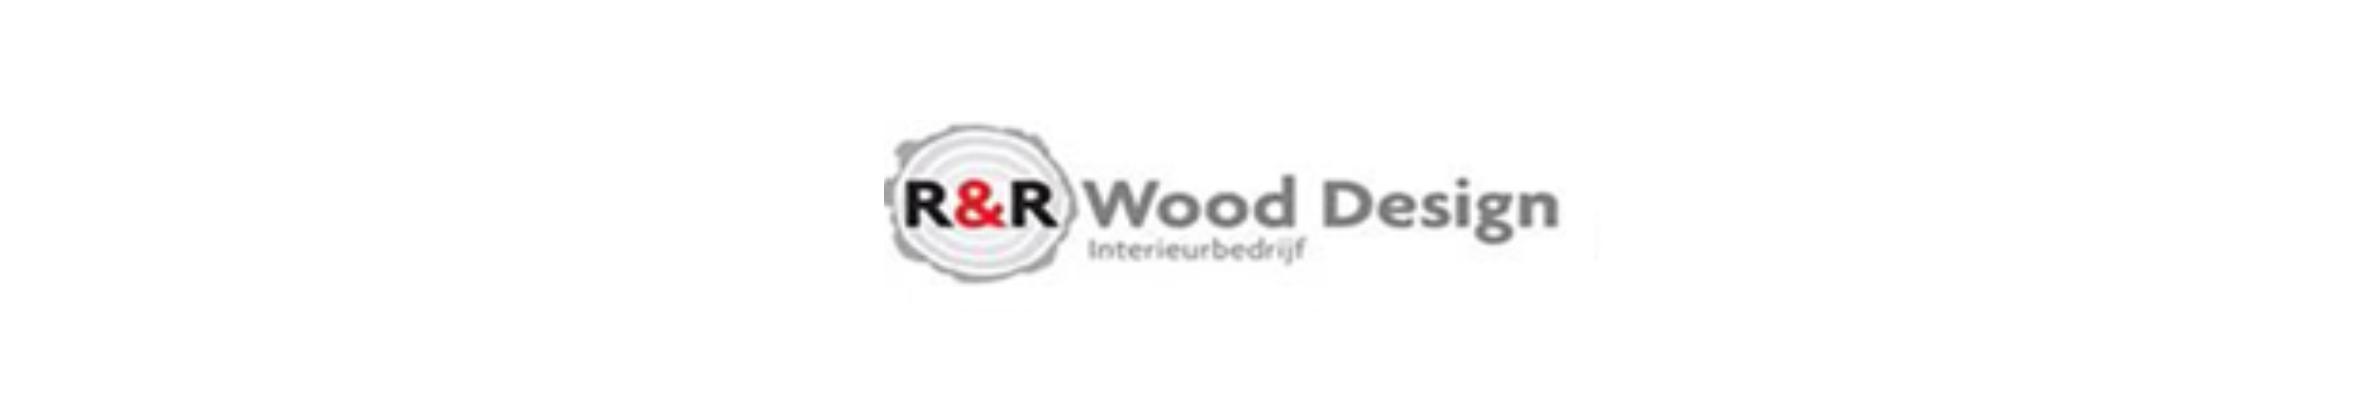 Langwerpig logo van R&R Wood Design